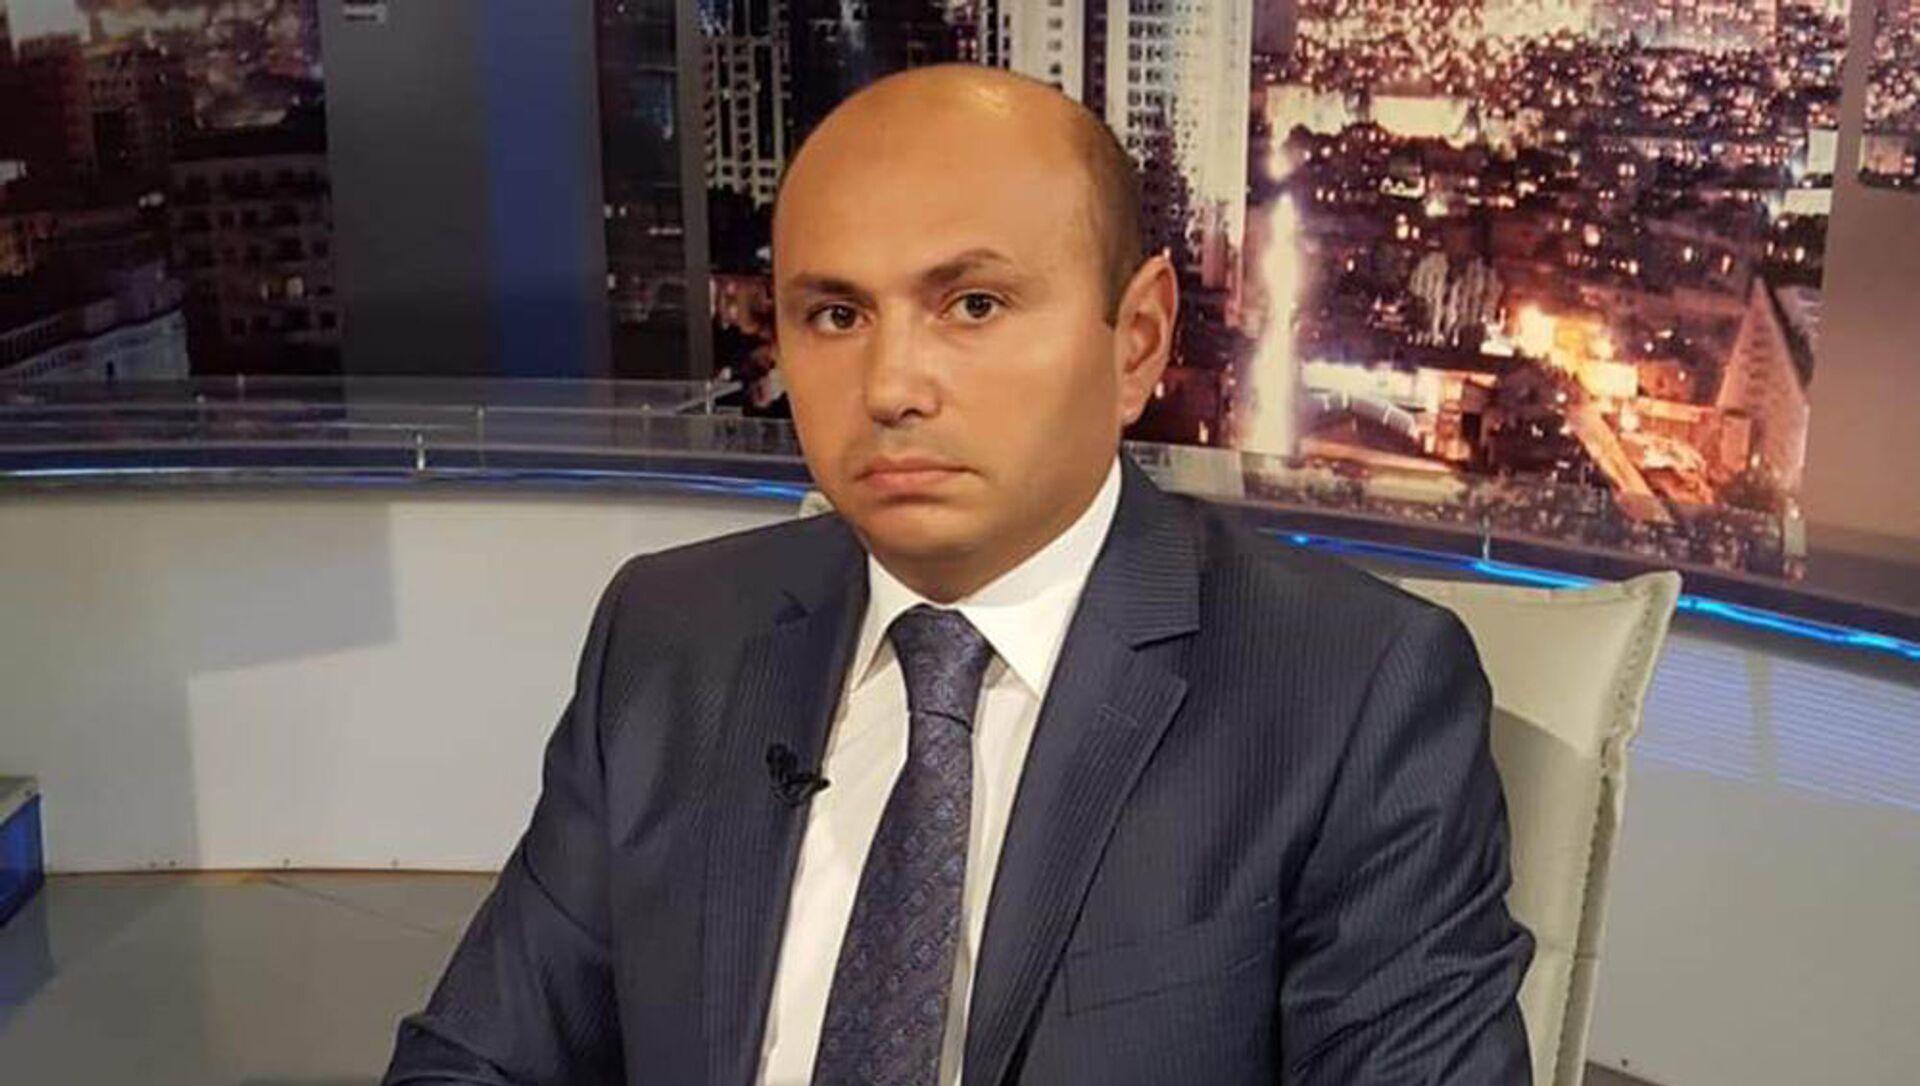 Эльшад Мирбашир, политолог, фото из архива - Sputnik Азербайджан, 1920, 19.08.2021